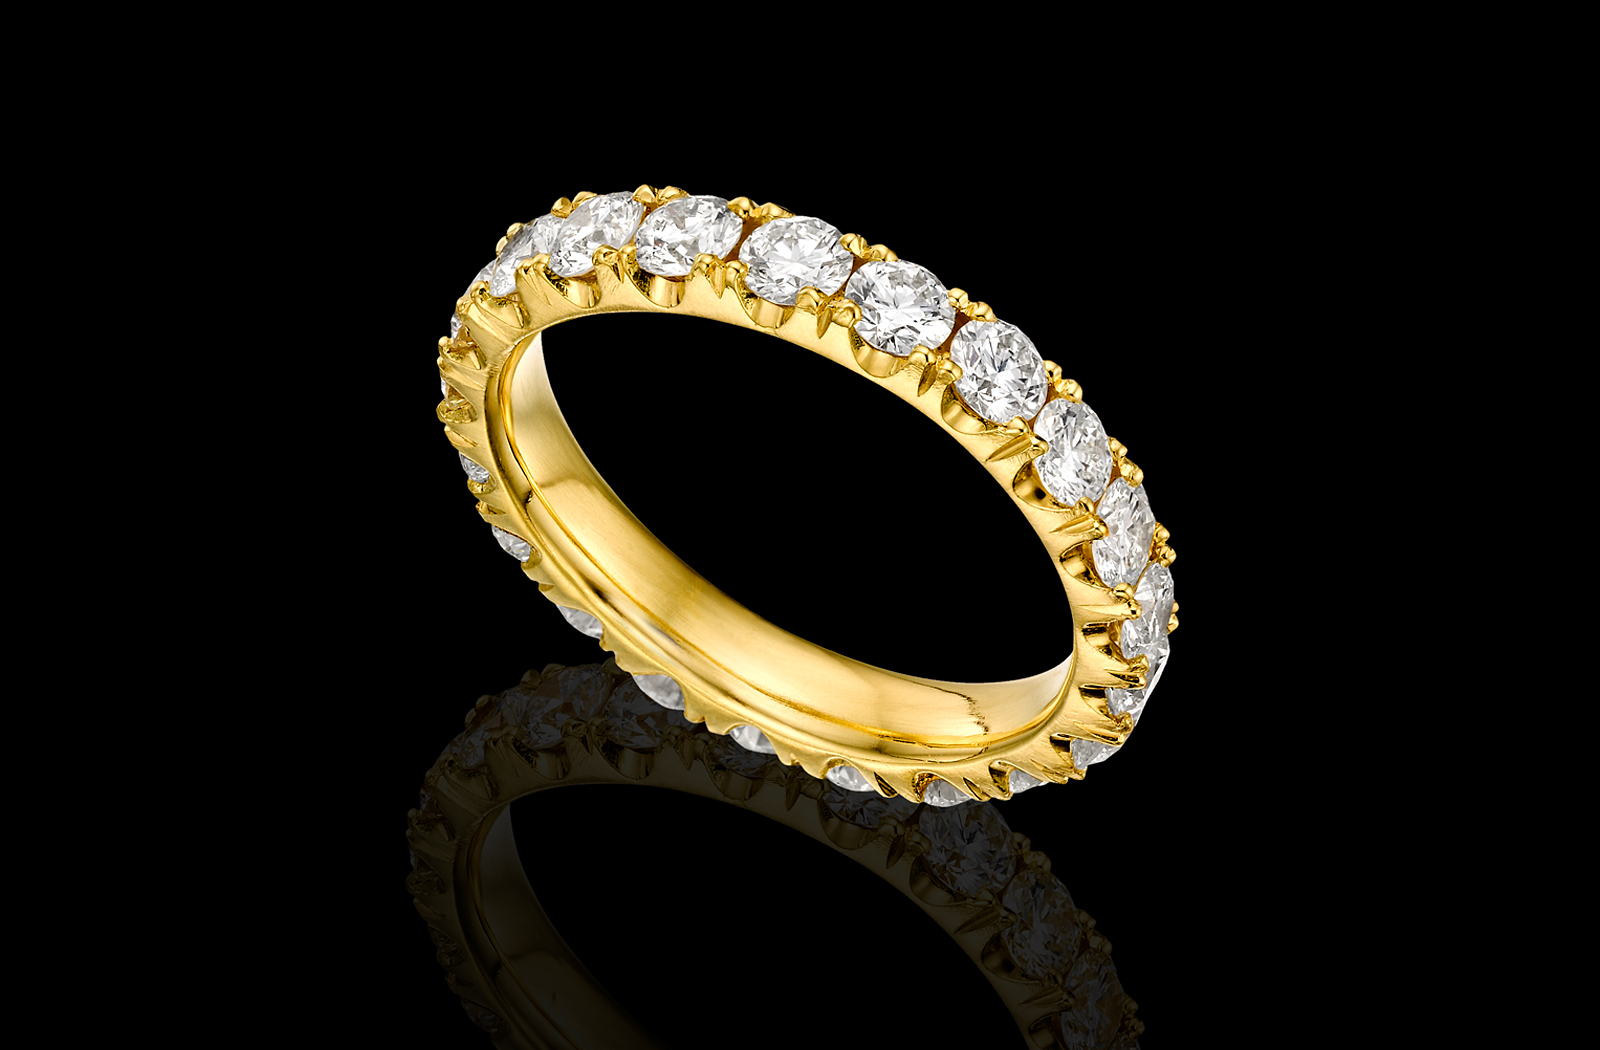 טבעת בזהב צהוב 18K משובצת ומעוטרת יהלומים סביב